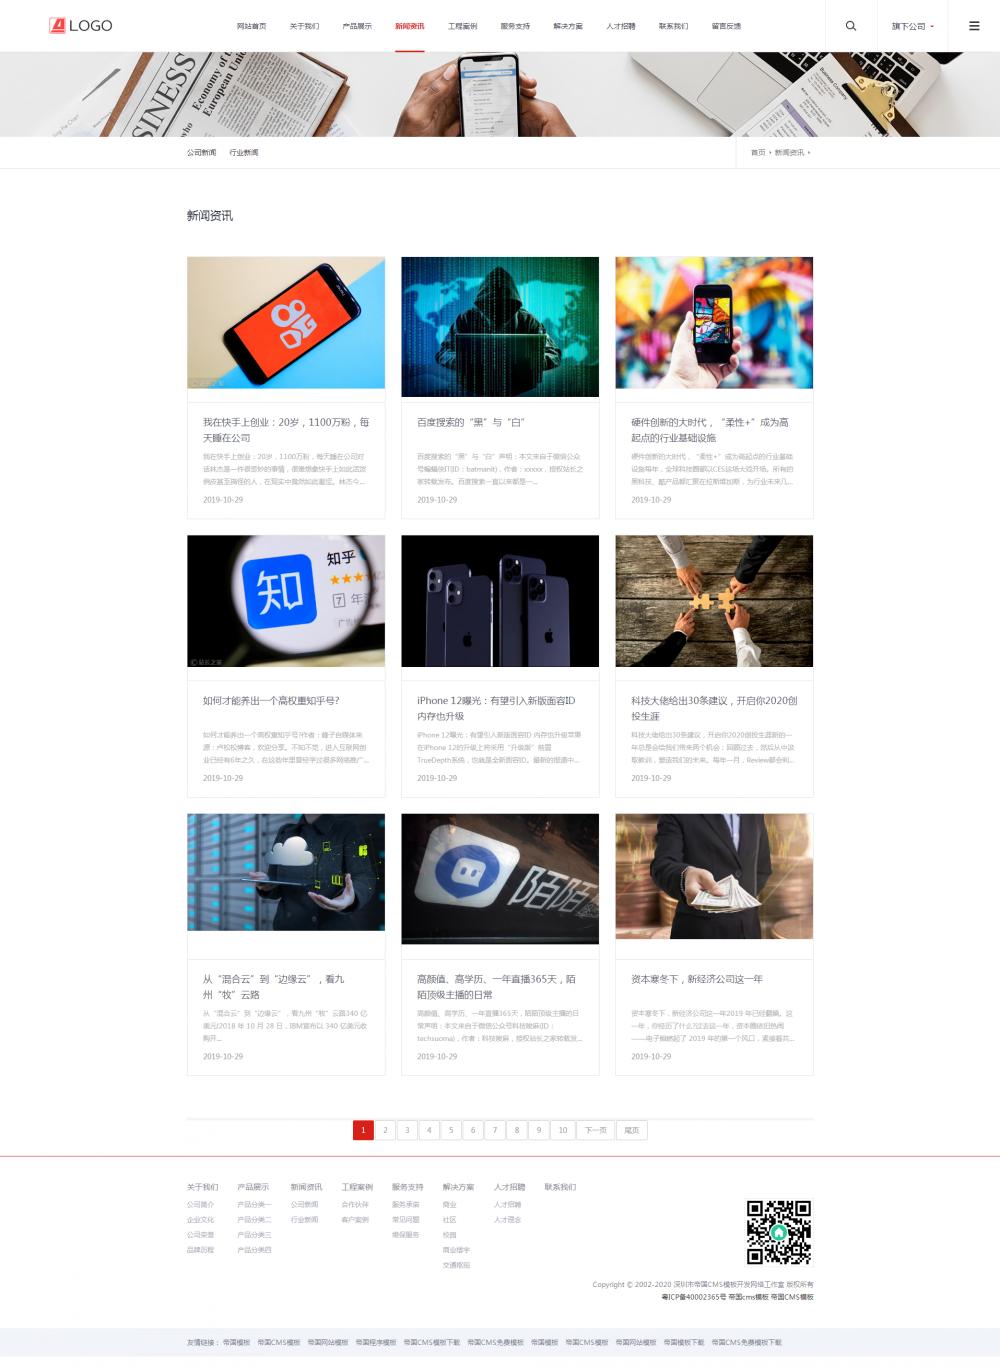 4新闻动态.png [DG-124]响应式大型企业集团类帝国CMS模板 HTML5工业机械设备帝国网站源码下载 企业模板 第4张